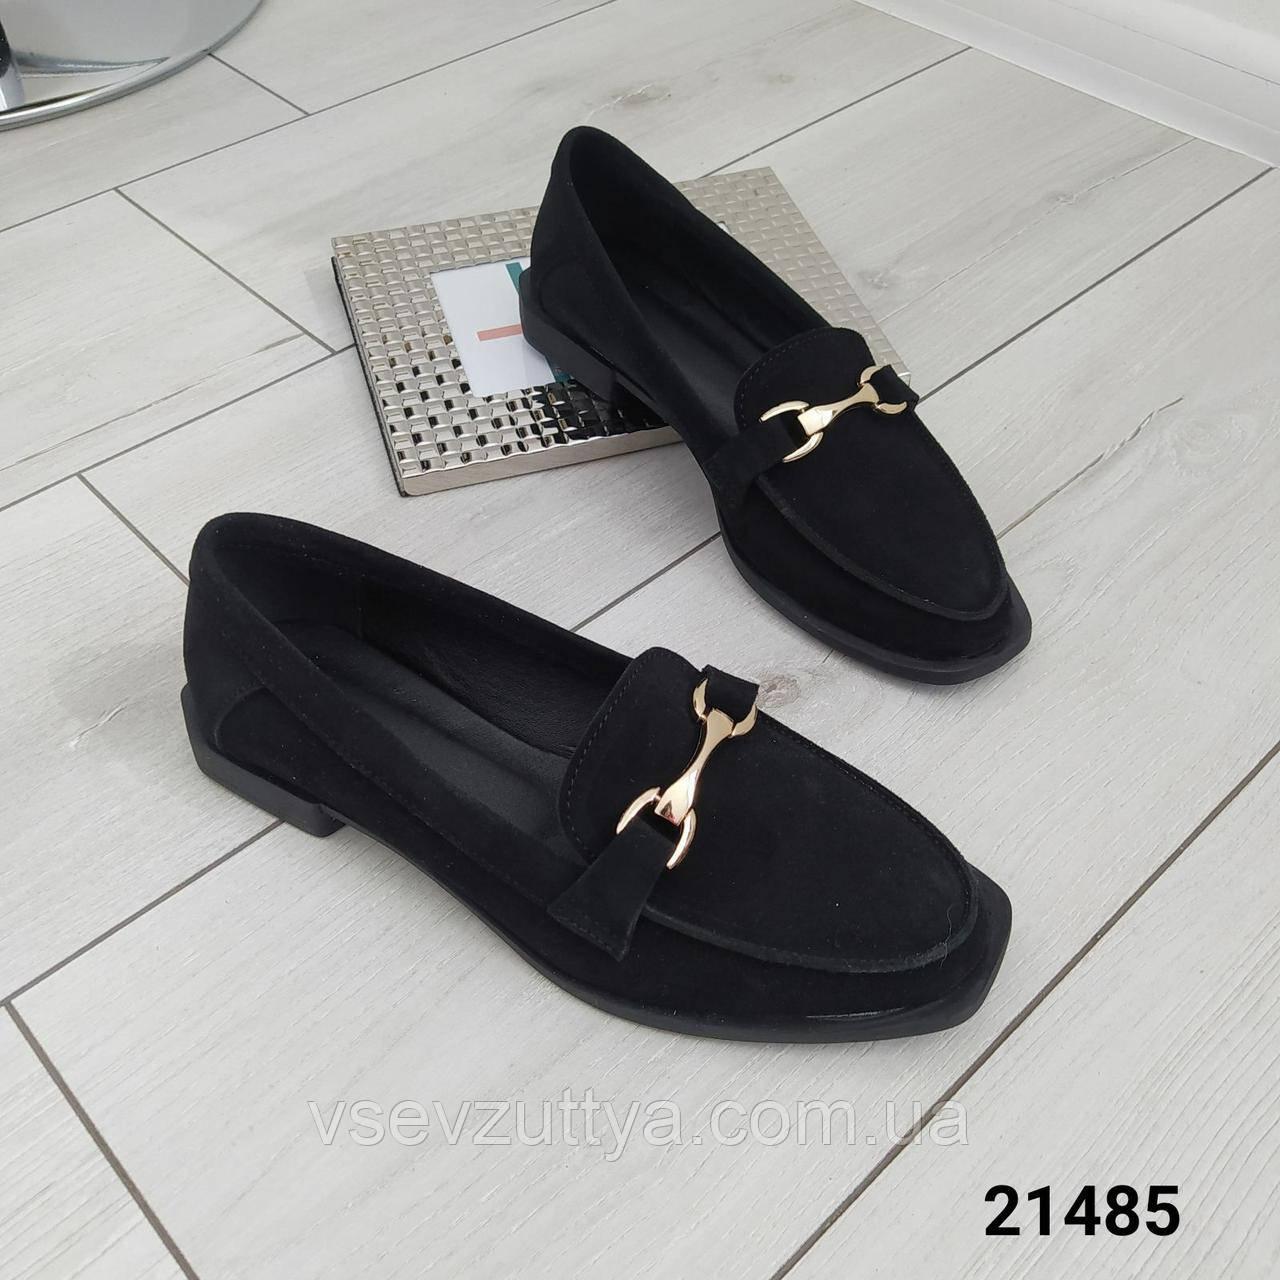 Туфлі жіночі замшеві чорні